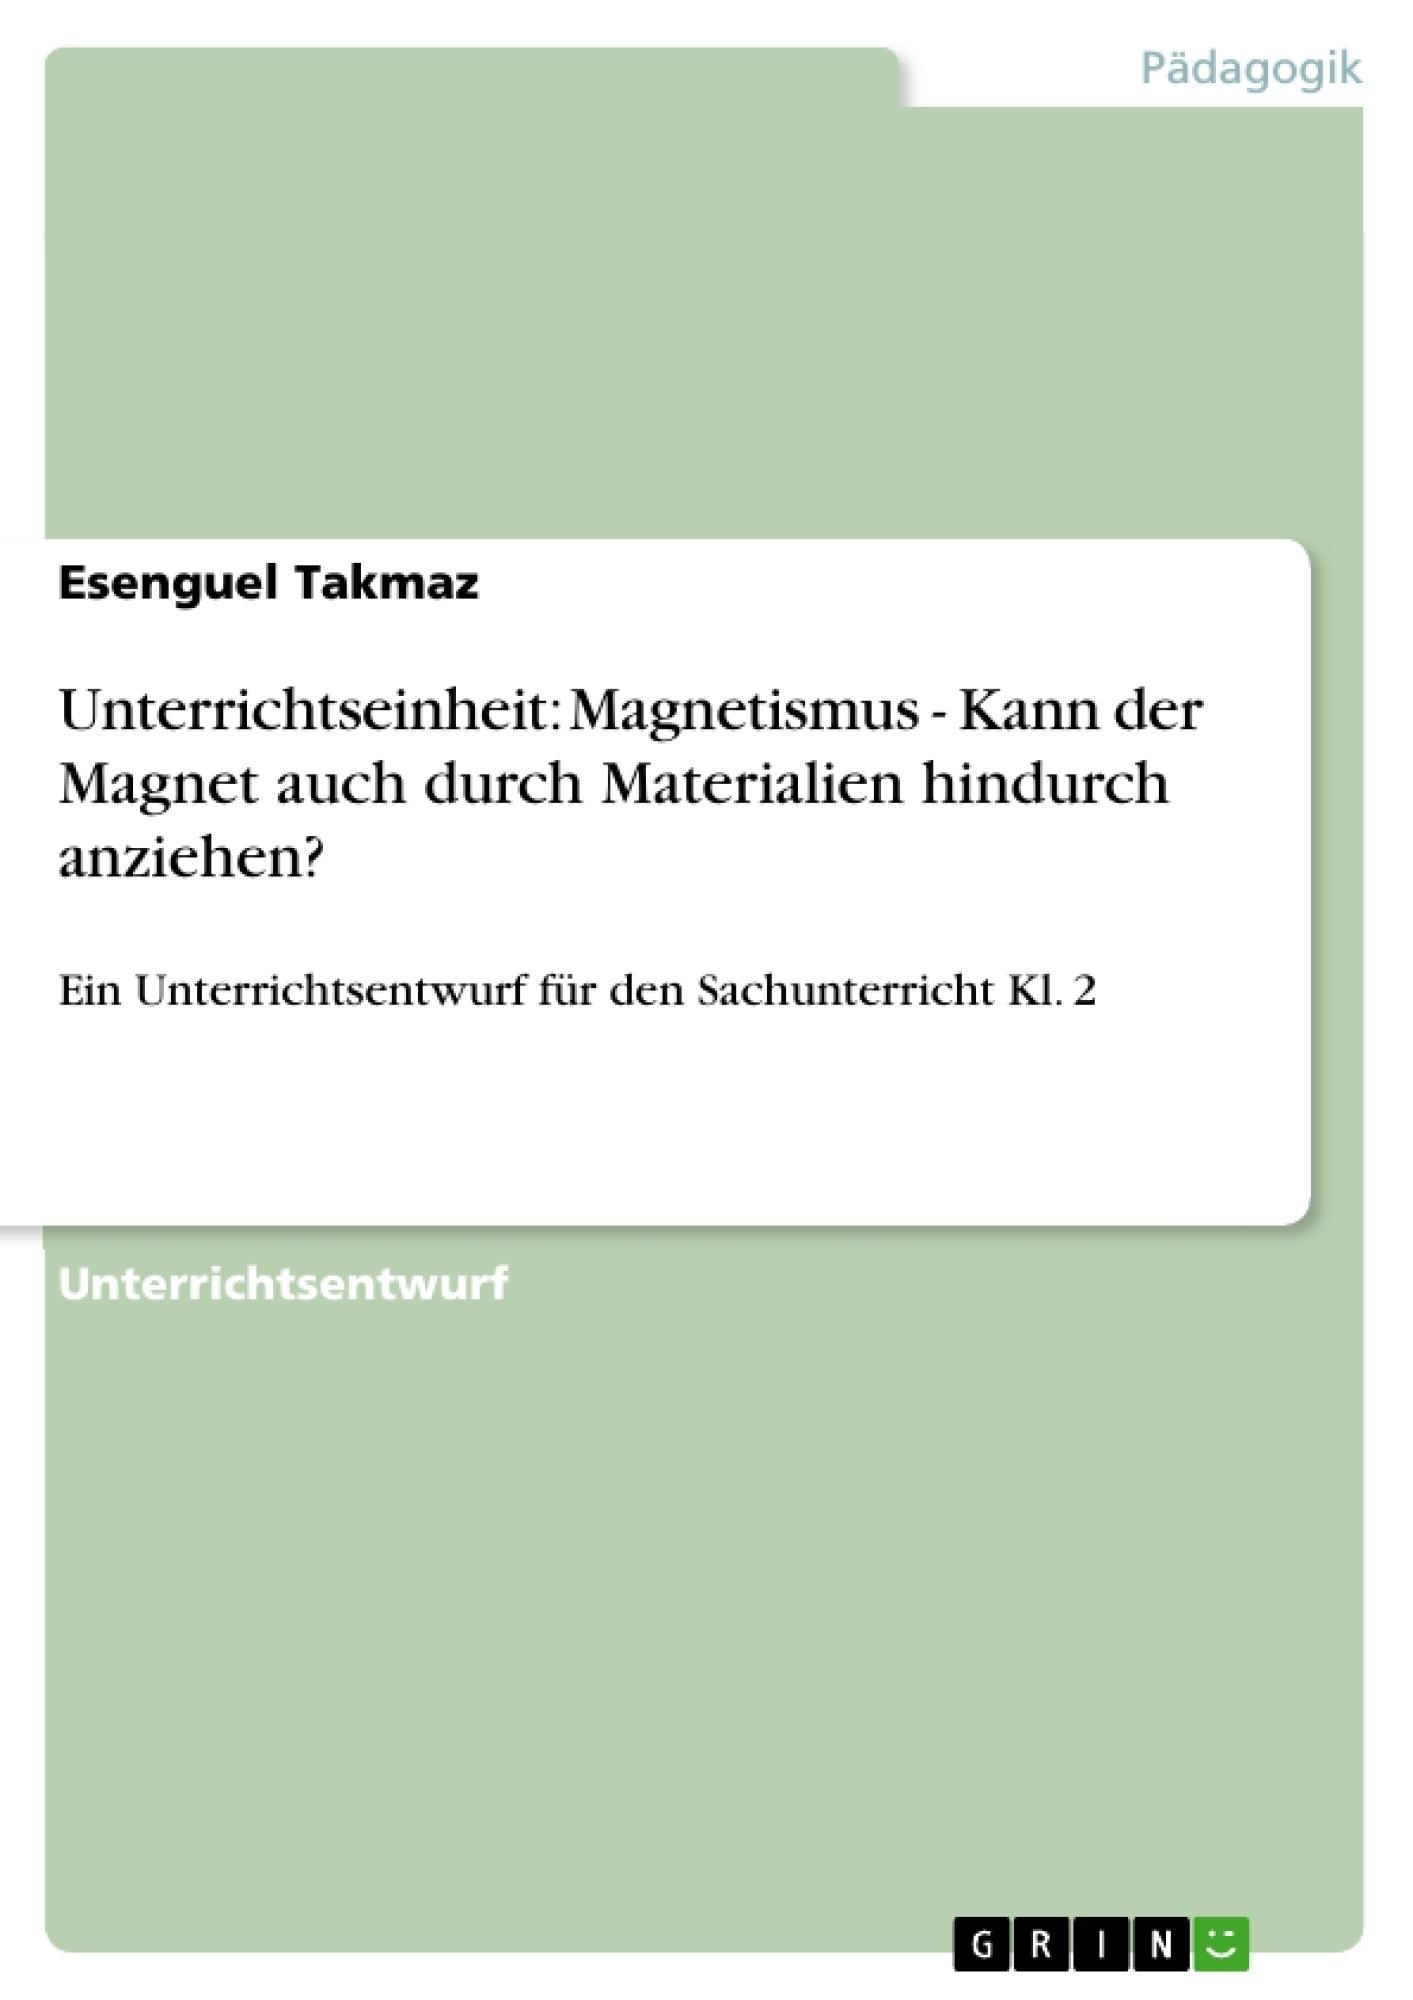 Titel: Unterrichtseinheit: Magnetismus - Kann der Magnet auch durch Materialien hindurch anziehen?